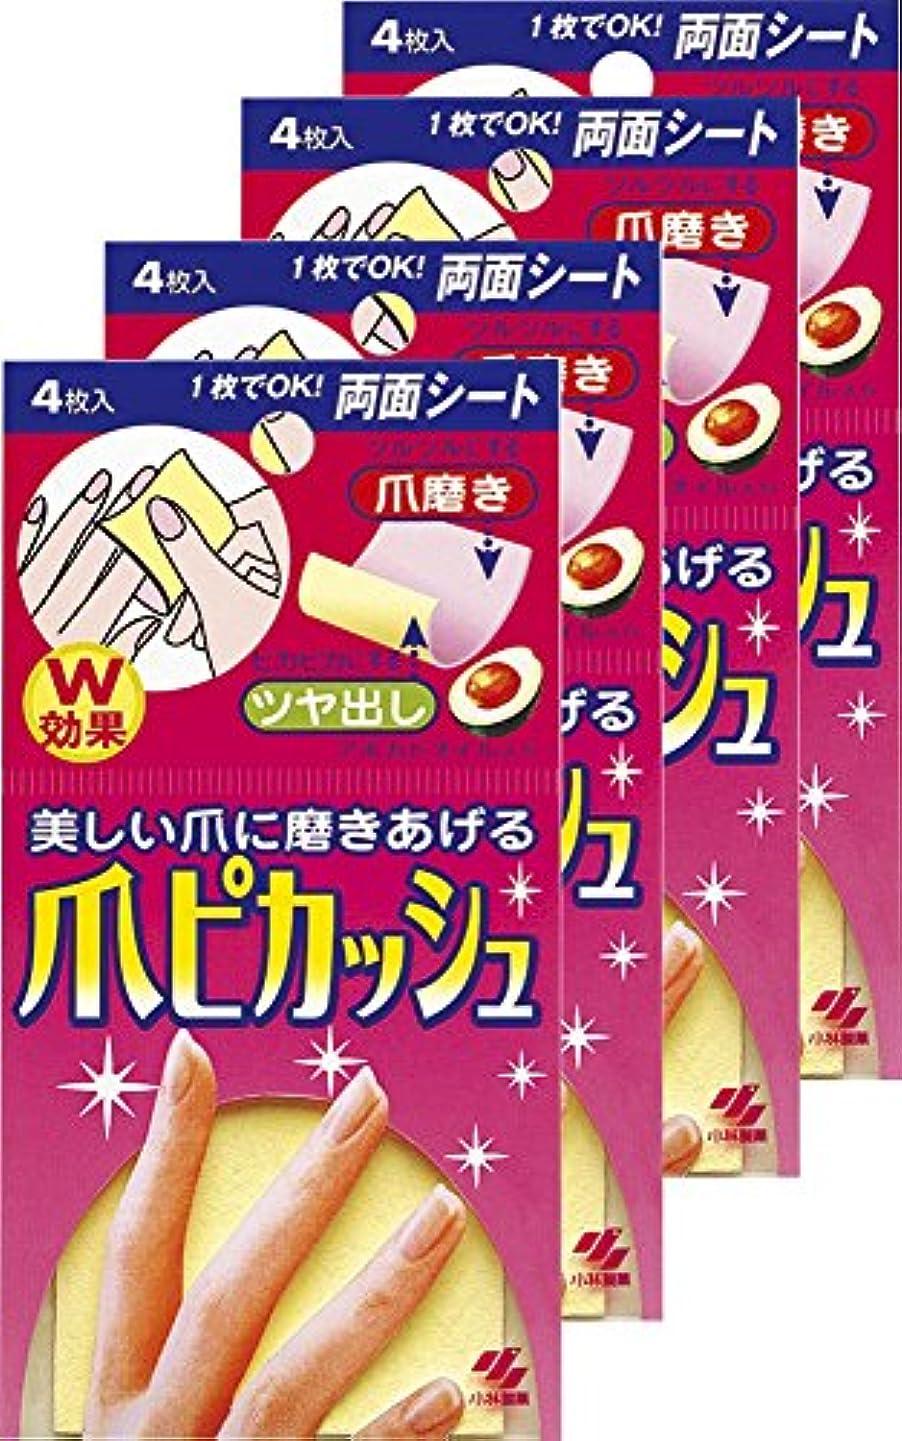 柔和してはいけません麻痺させる【まとめ買い】爪ピカッシュ 爪磨きシート 4枚×4個